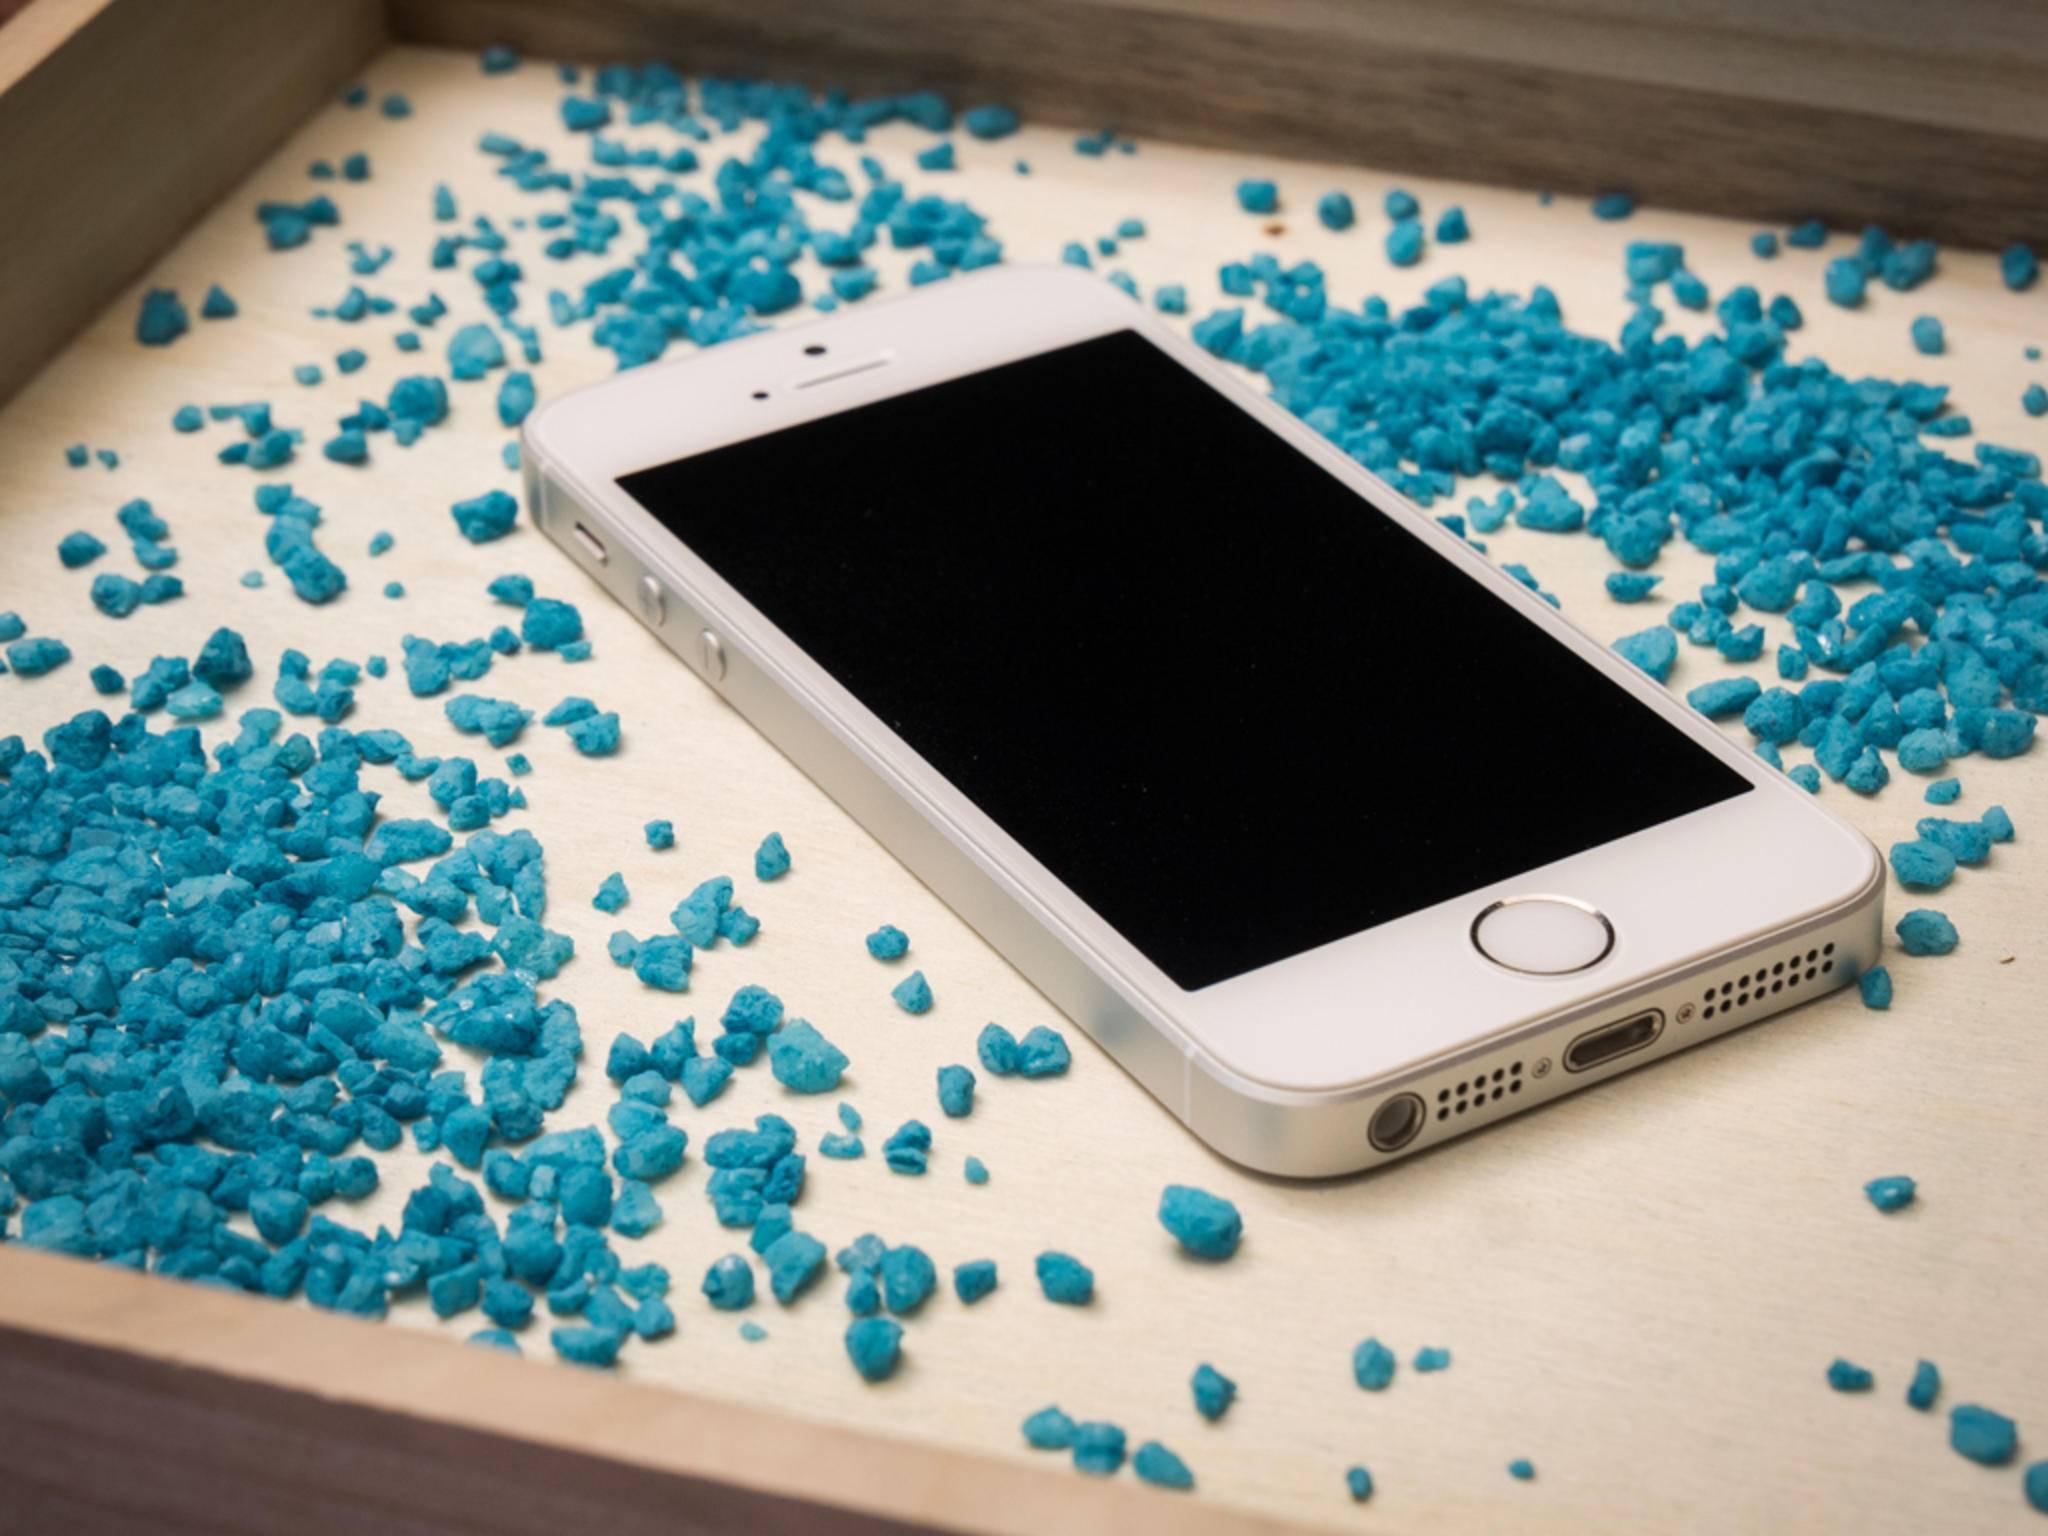 Der Touchscreen-Controller entspricht genau dem des iPhone 5s.